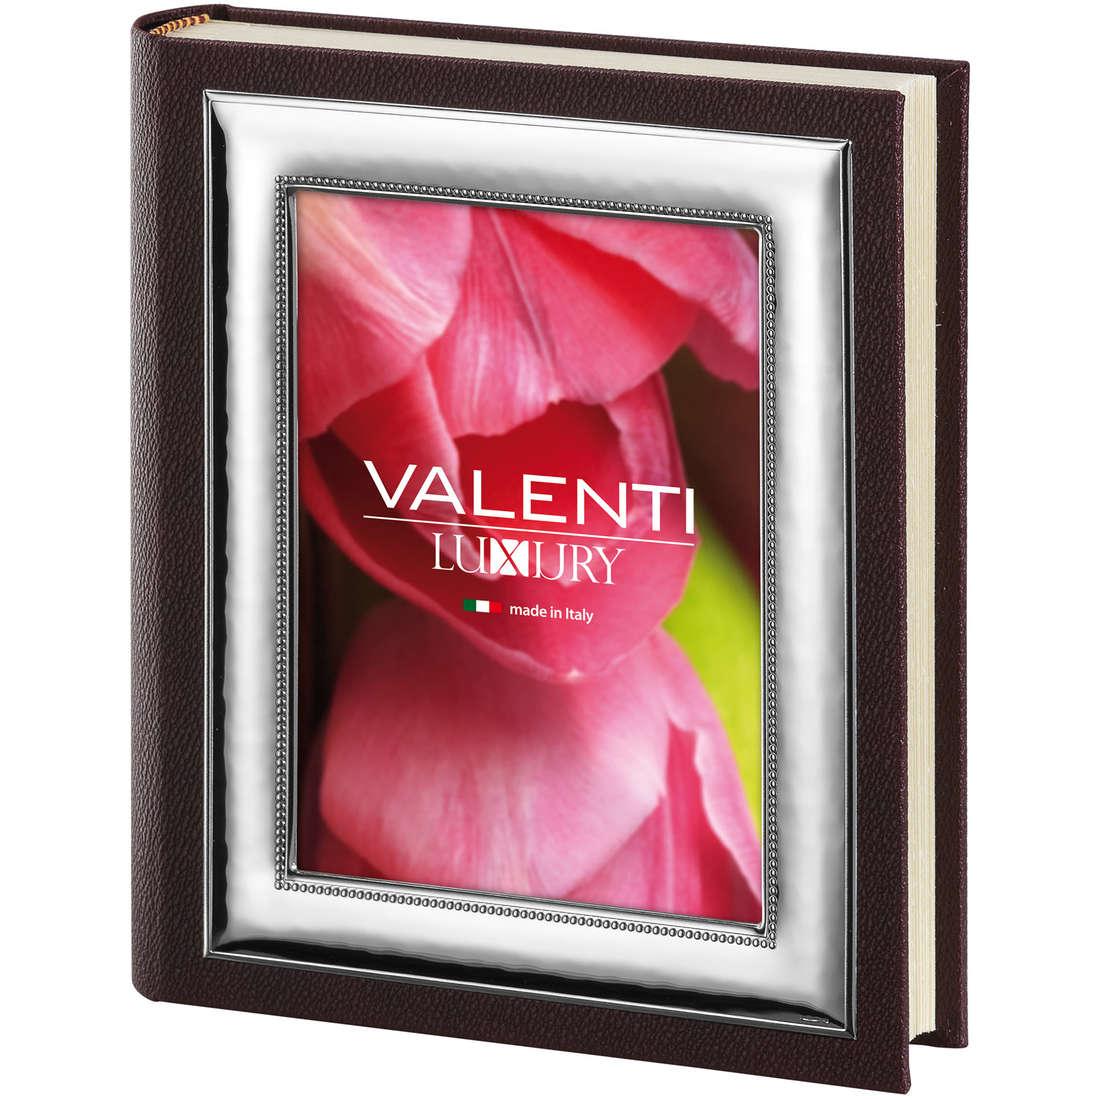 Cornici Valenti, album in pelle con cornice 51501 3